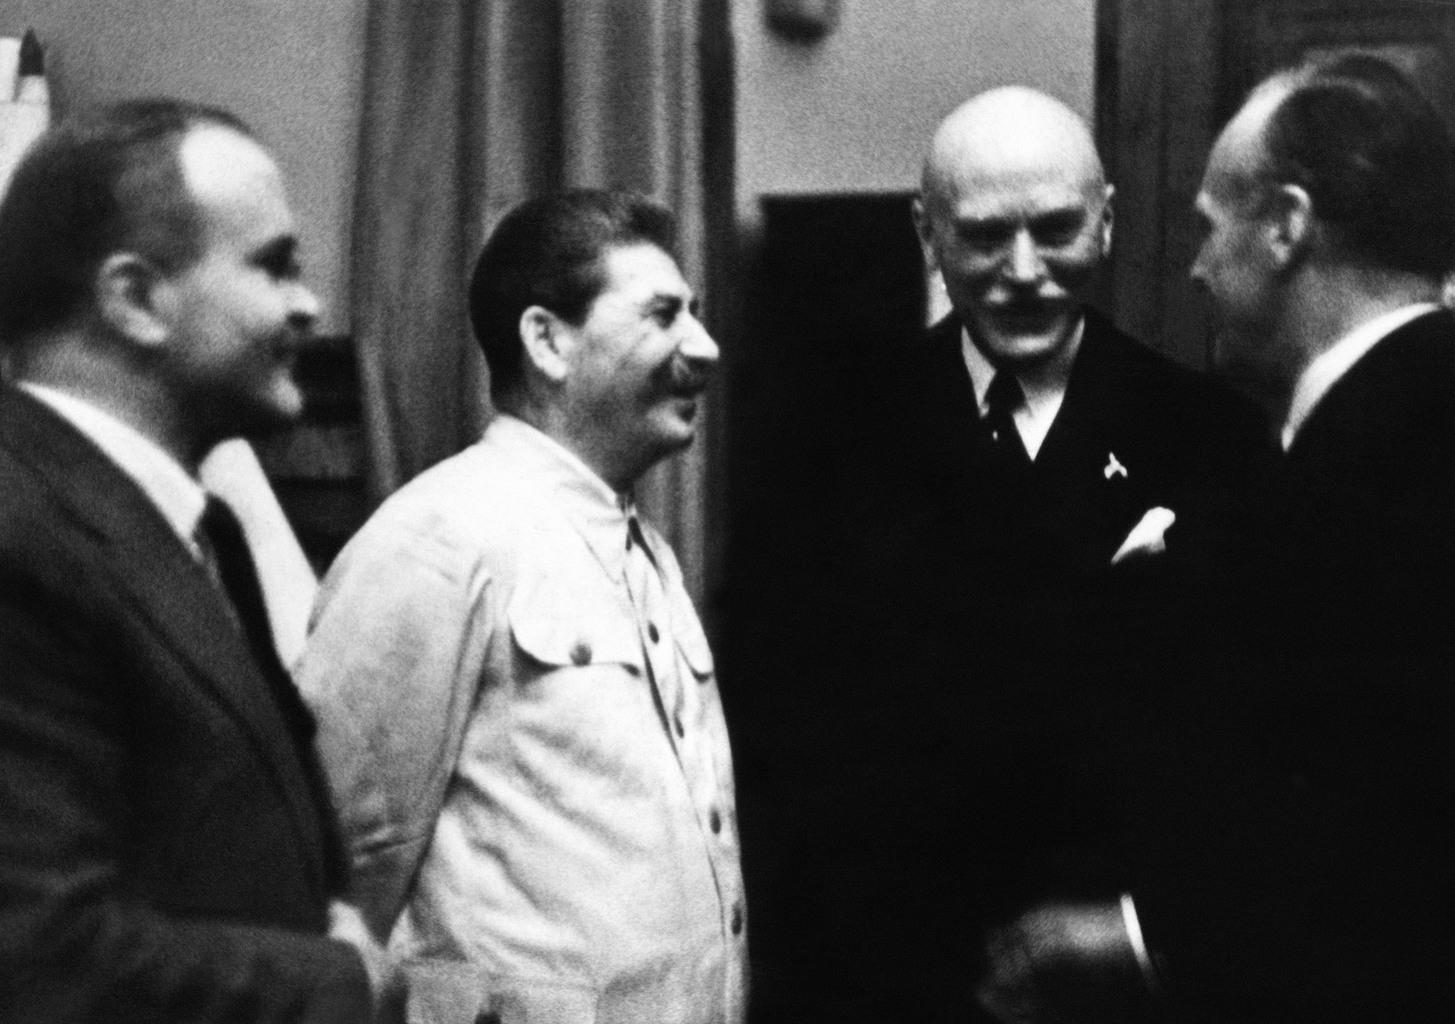 Sztálin, szovjet államfő és külügyminisztere Vjacseszlav Molotv beszélget Joachim Von Ribbentrop német náci külügyminiszterrel a moszkvai Kremlben 1939. augusztus 23-án, a szovjet – német megnemtámadási egyezmény aláírásakor, amely Molotov – Ribbentrop paktum néven lett ismert a történelemben Fotó:EUROPRESS/AFP #moszkvater